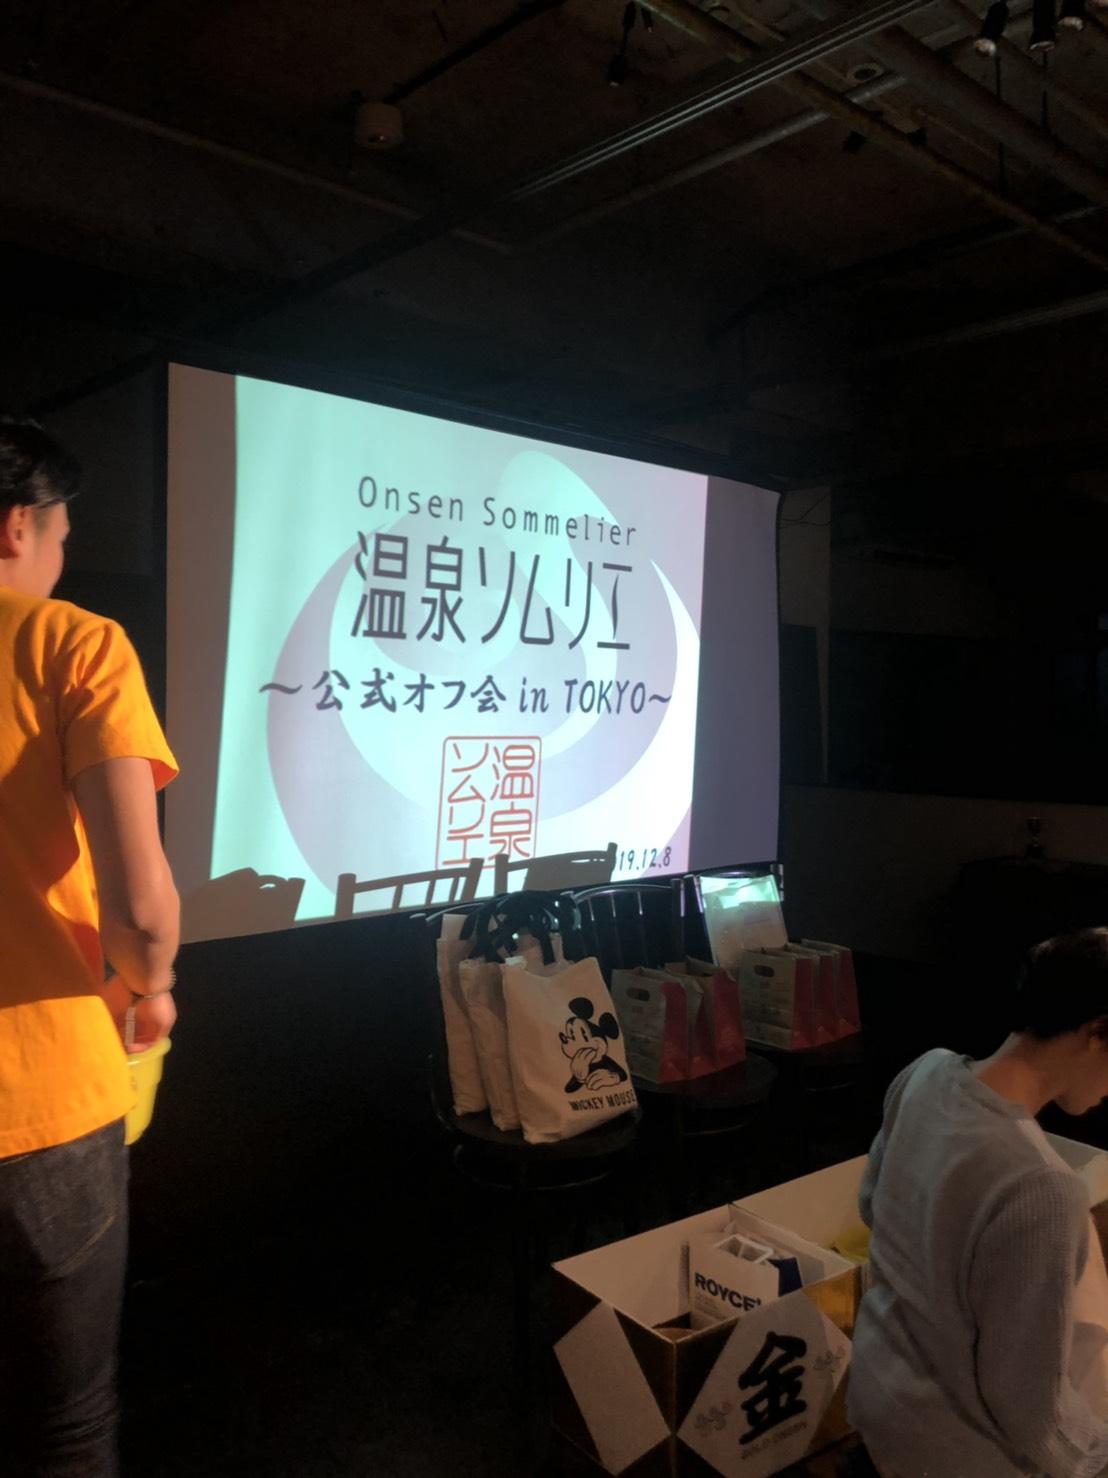 温泉にちなんだイベントがMace千駄ヶ谷で開催されました♪ TIME SHARING タイムシェアリング  スペースマネジメント あどばる adval SHARING